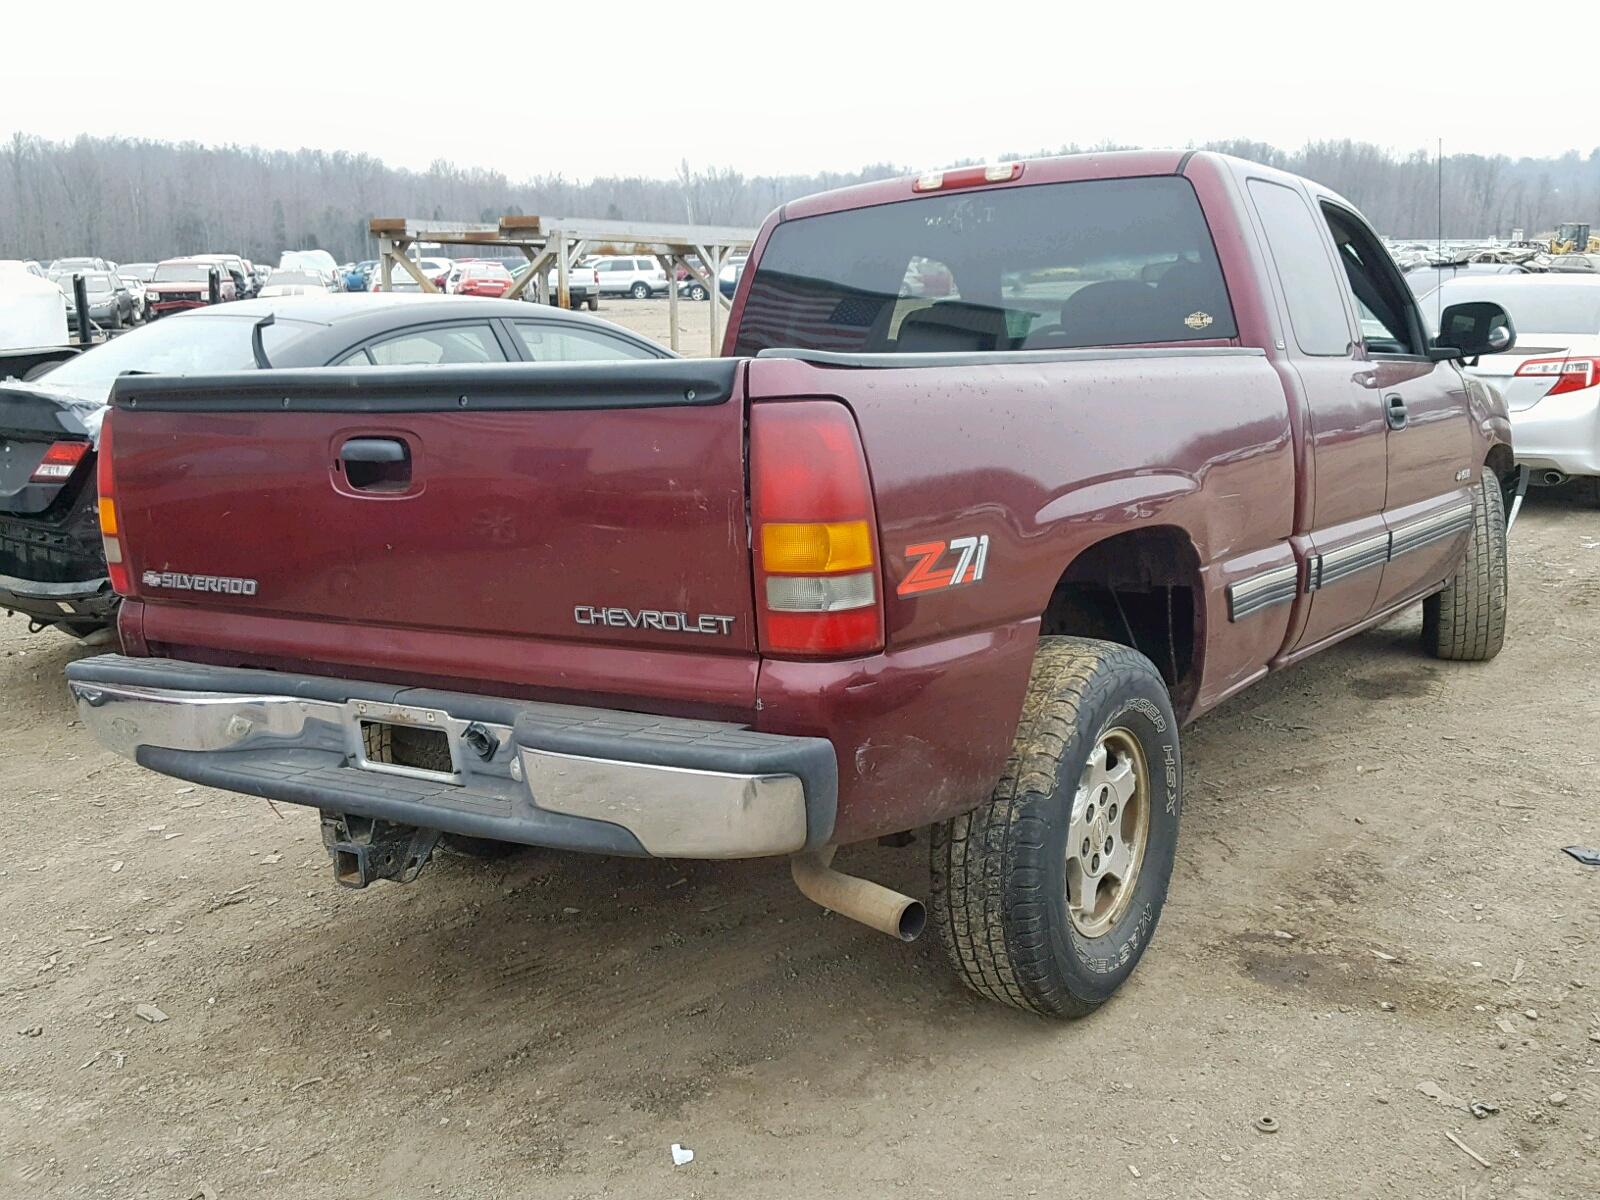 2gcek19t9y1196104 2000 Chevrolet Silverado 5 3l Rear View